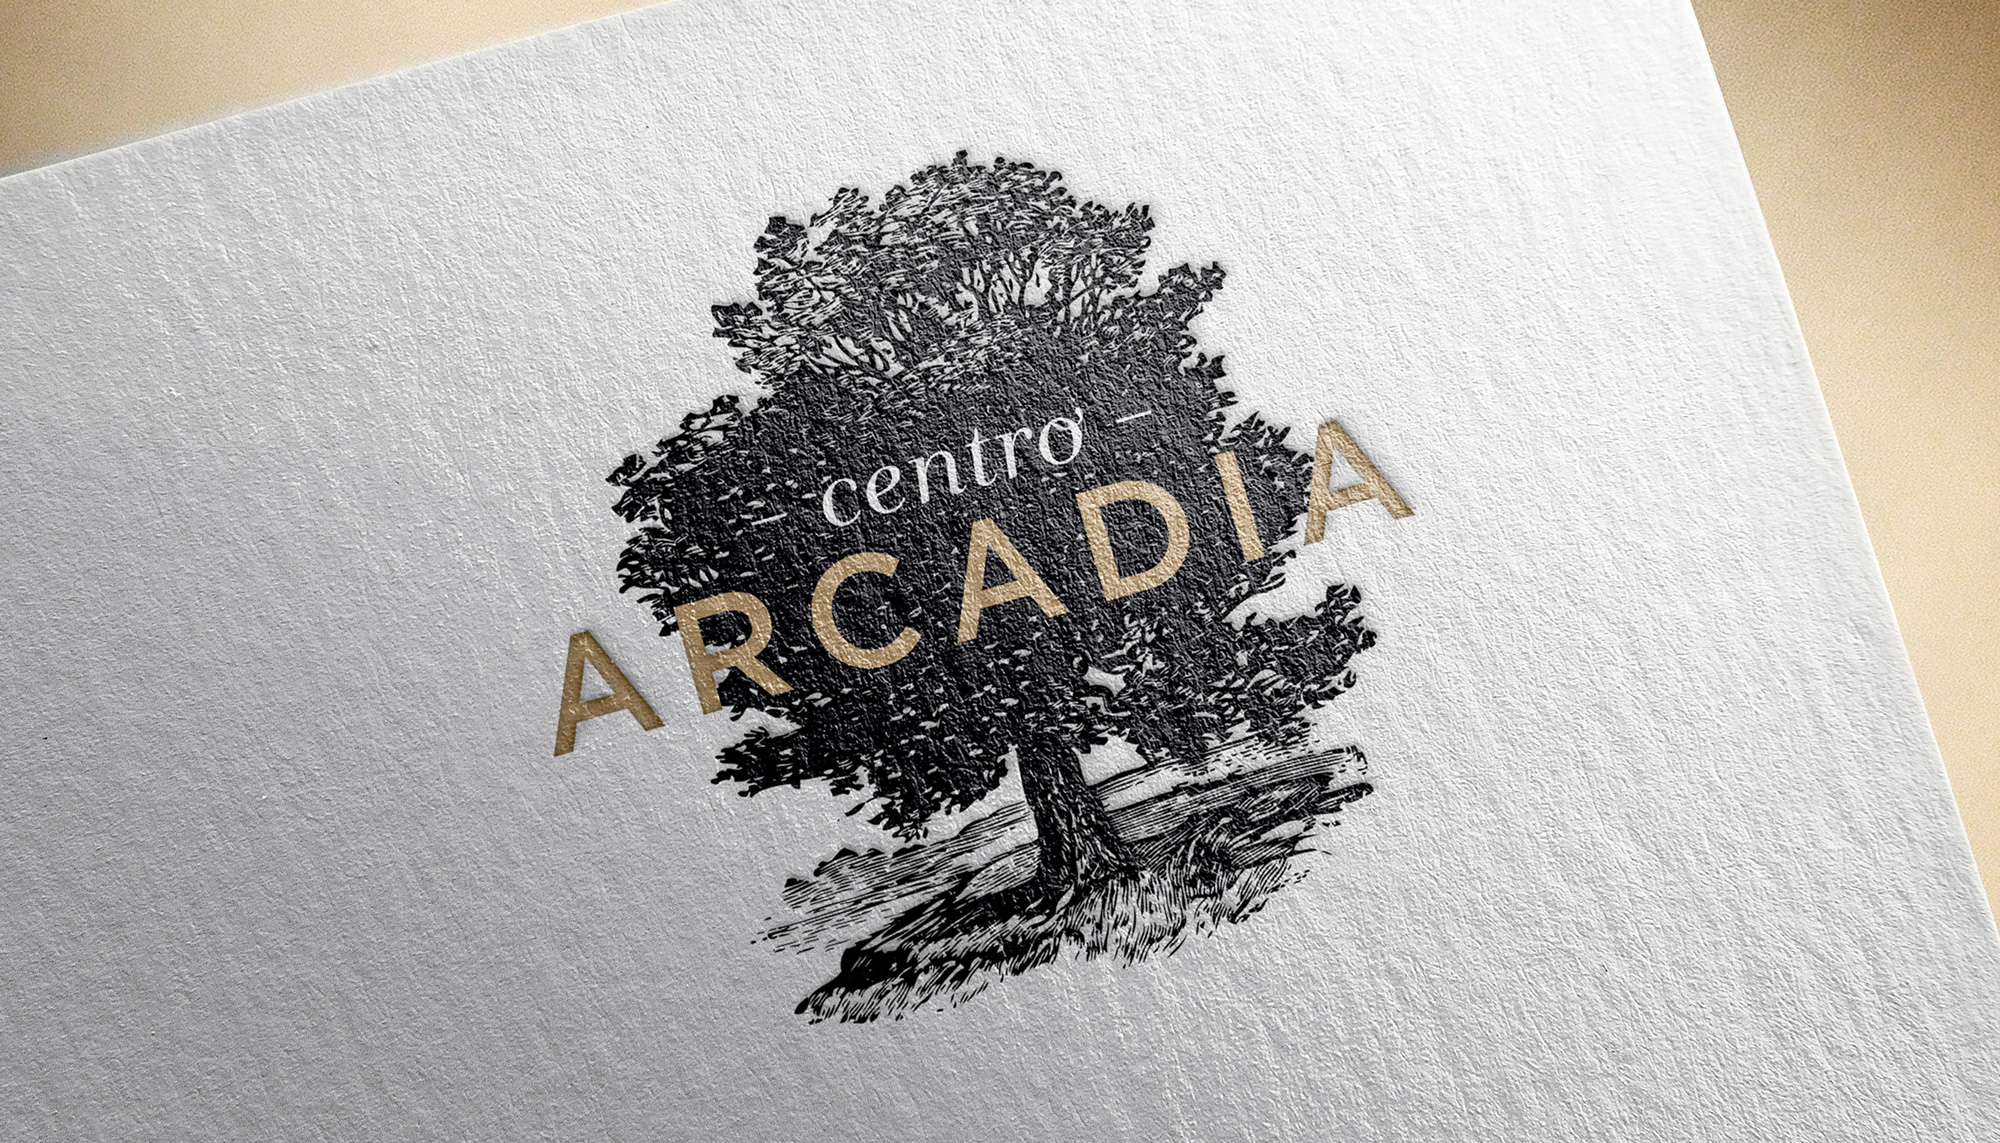 Imagen Corporativa Centro Arcadia